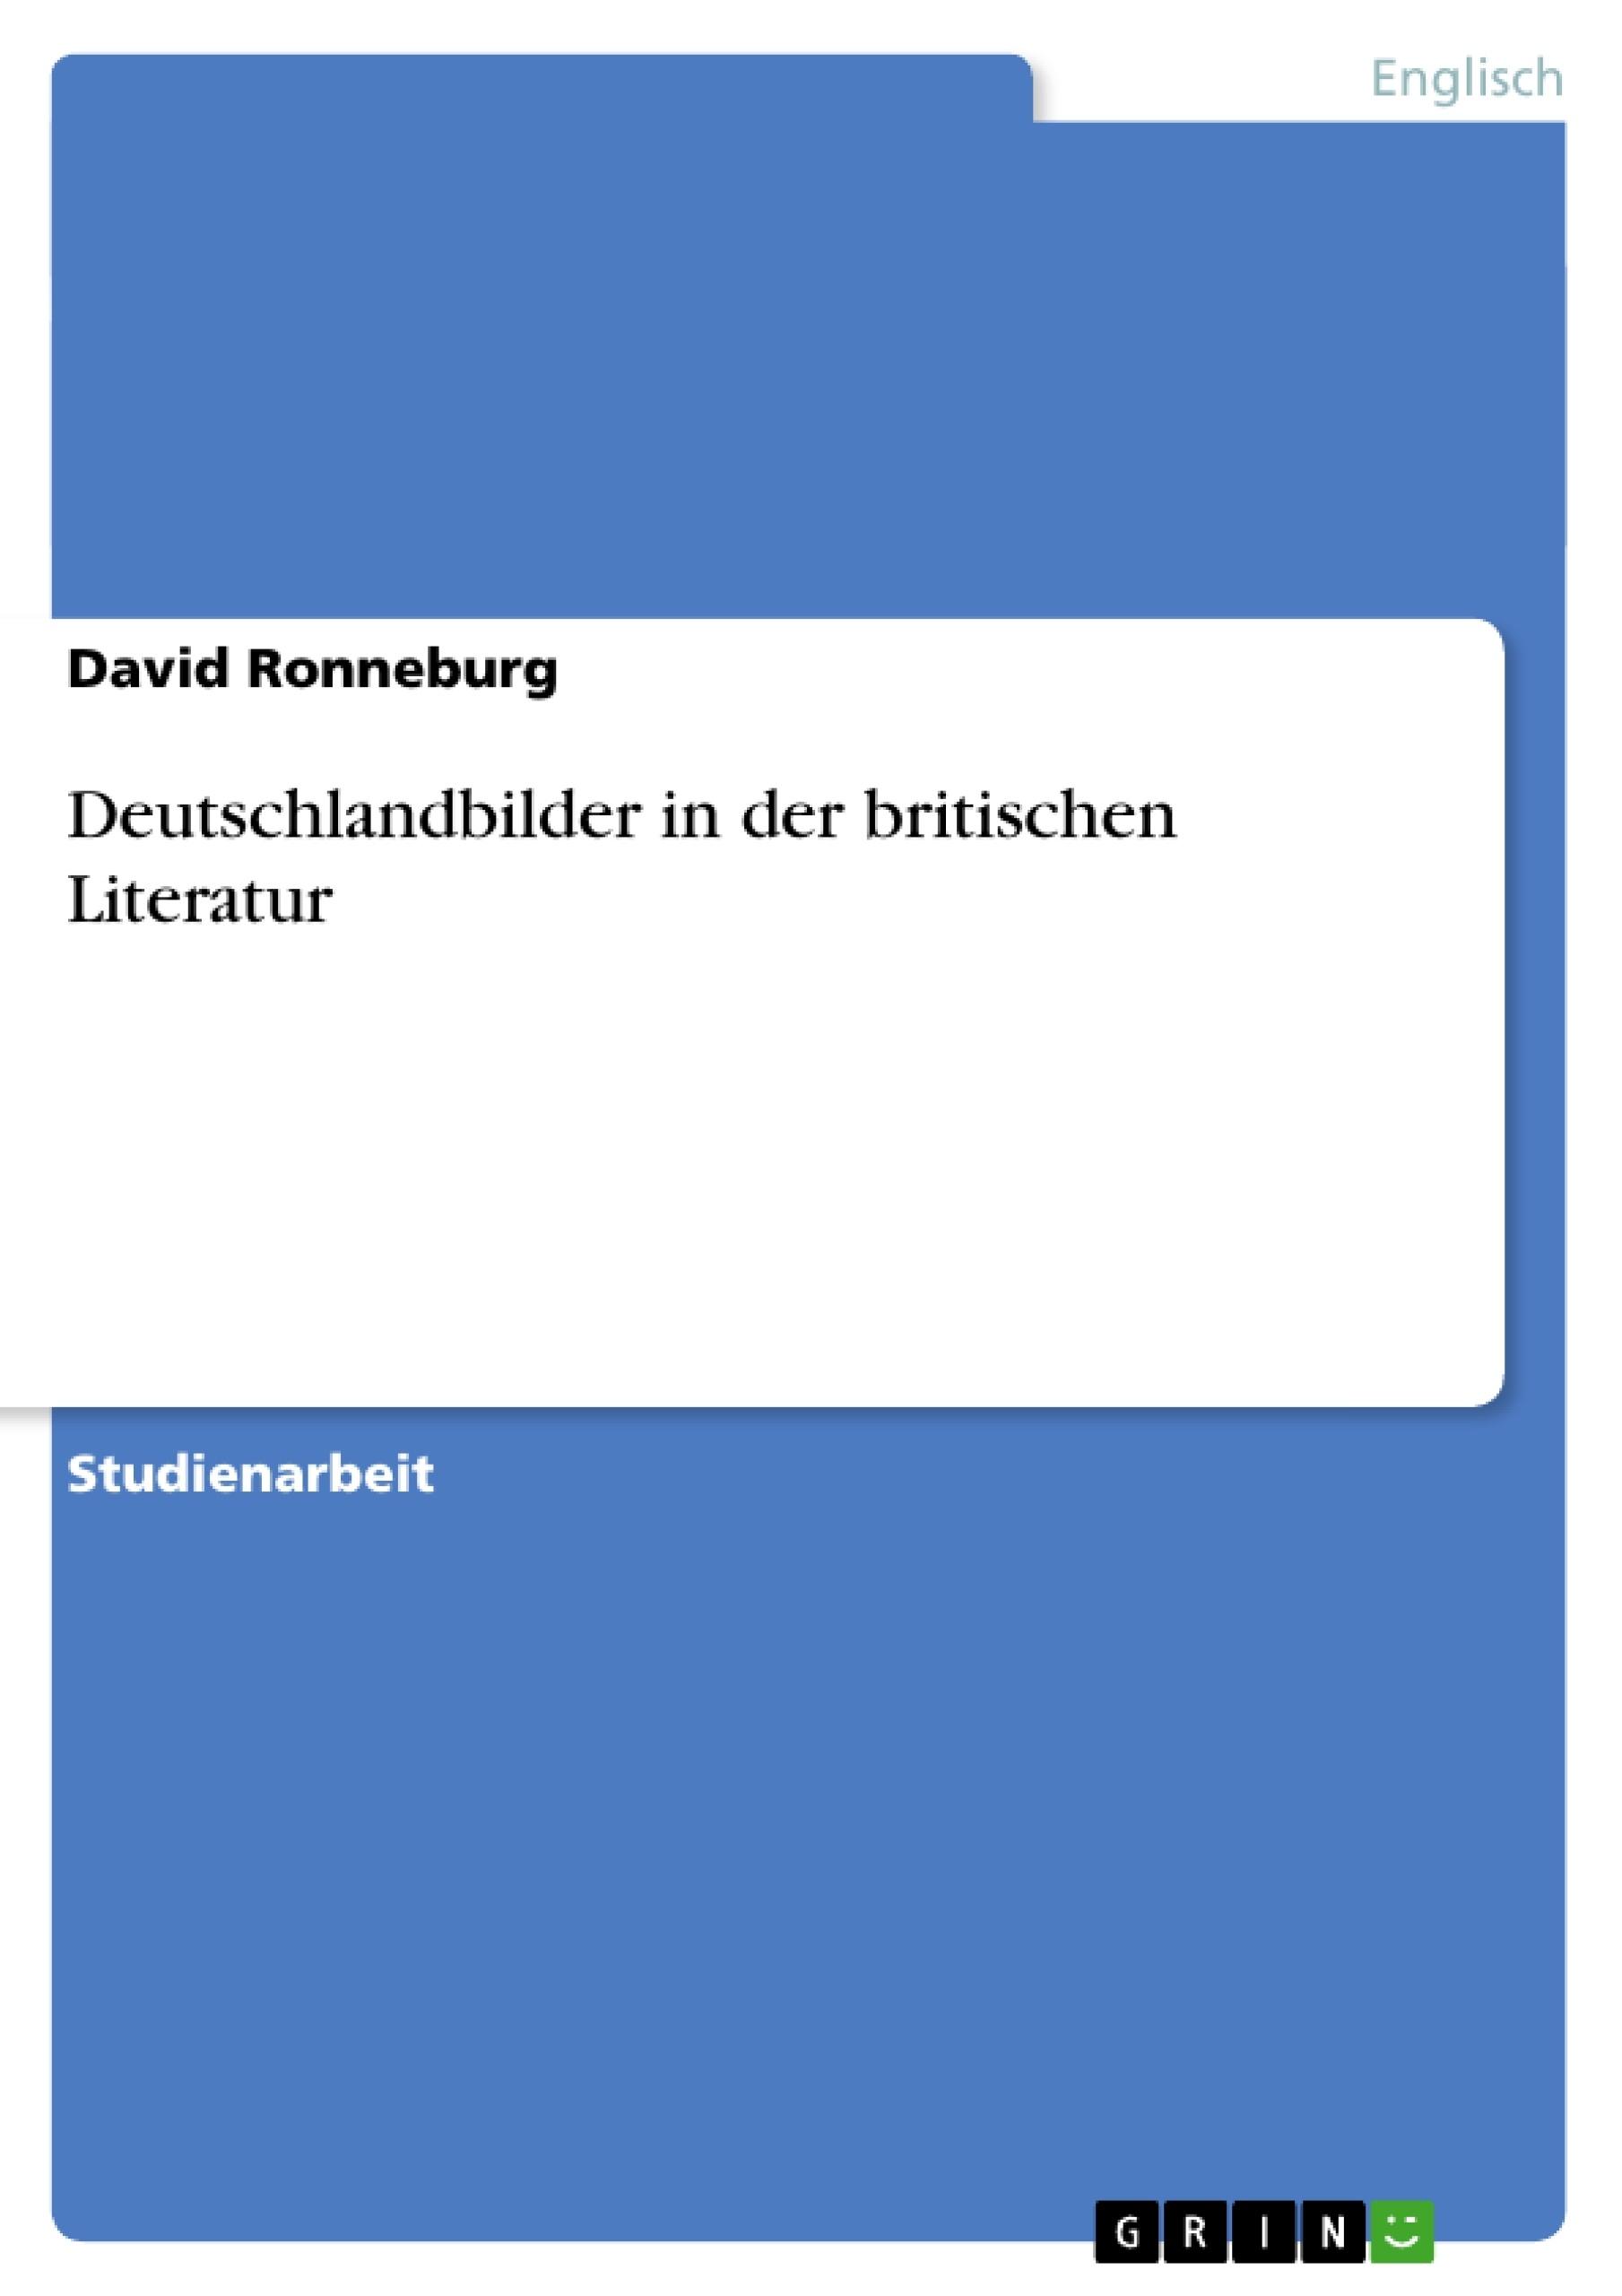 Titel: Deutschlandbilder in der britischen Literatur